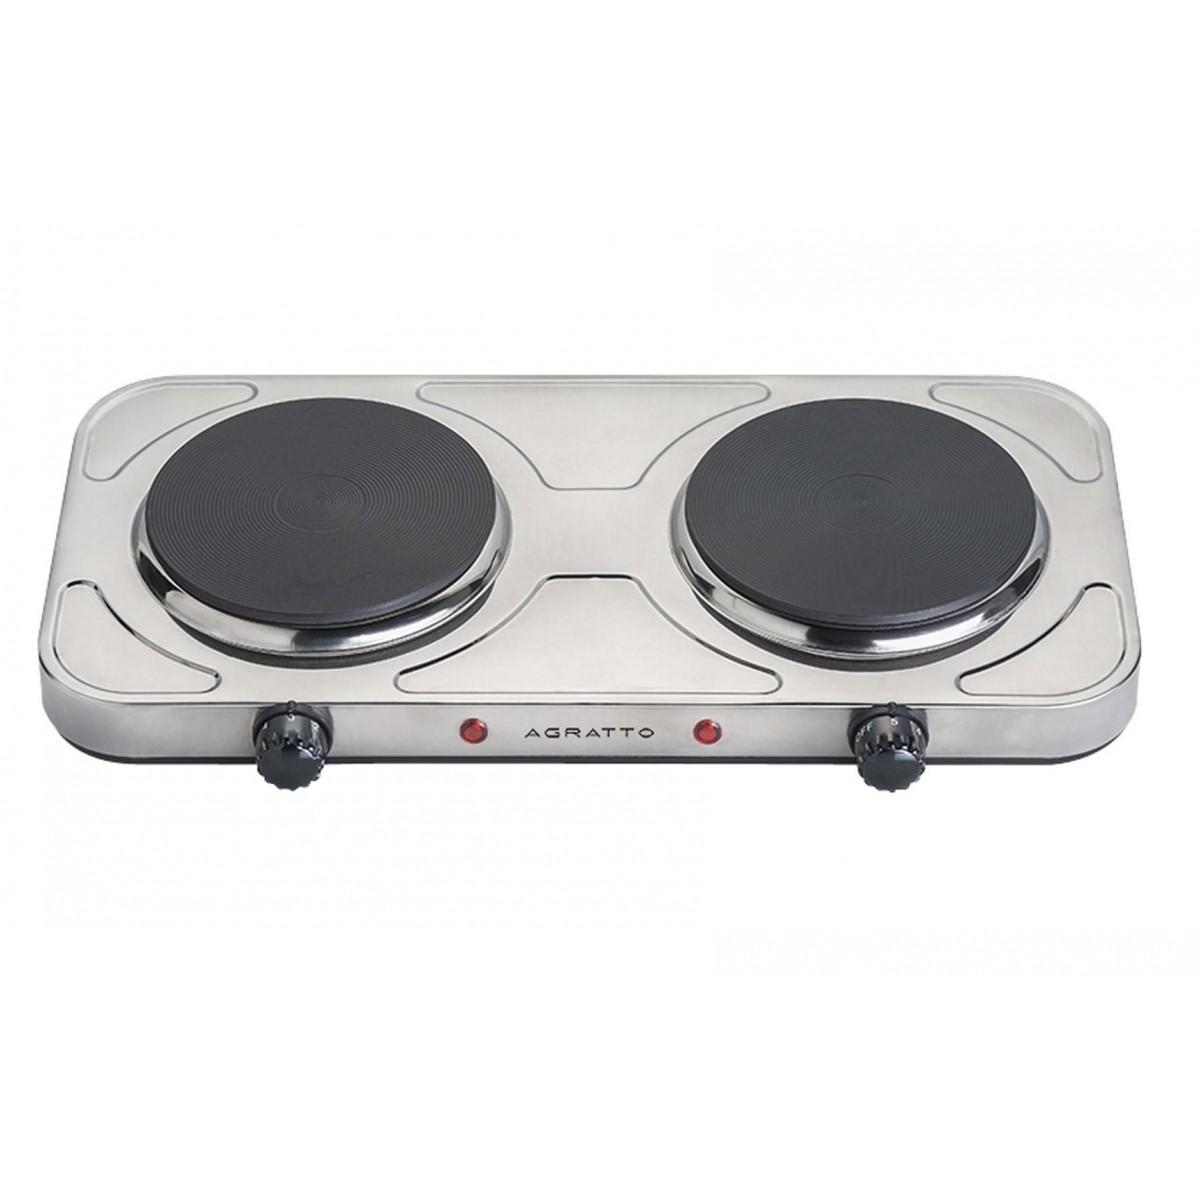 Fogão Elétrico 2 Bocas De Mesa Em Aço Inox Cooktop 2000W Agratto  - Mix Eletro